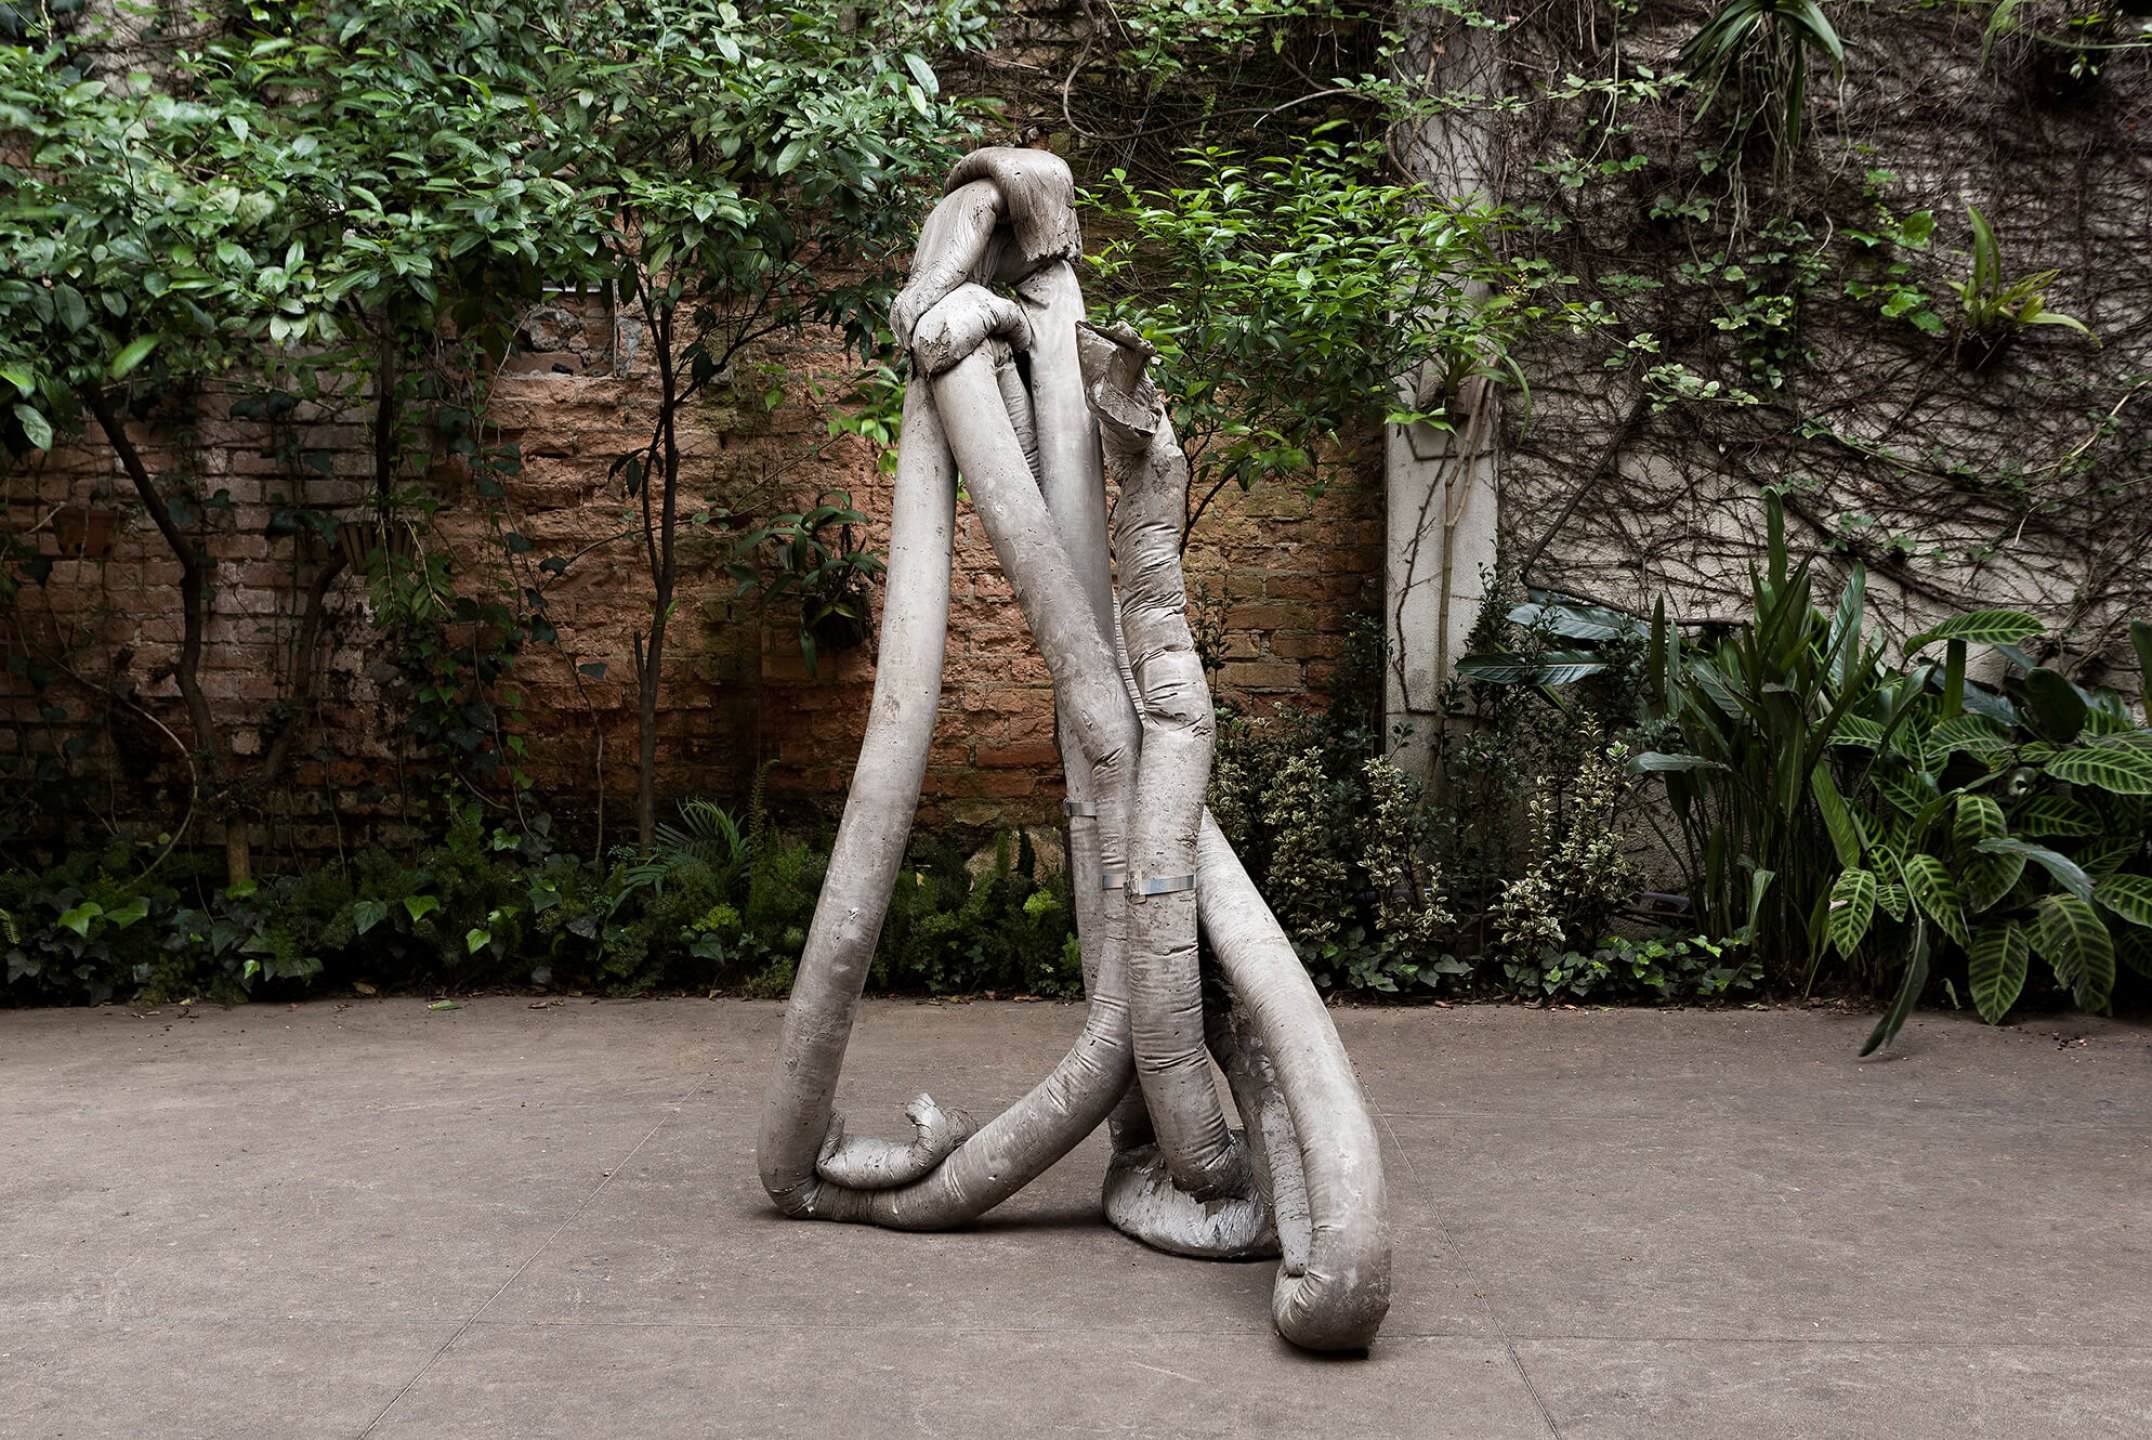 Michael Dean<em>, then (Working Title), Analogue now, muscles</em>,2015, concrete e metal,164 × 109 × 63 cm - Mendes Wood DM